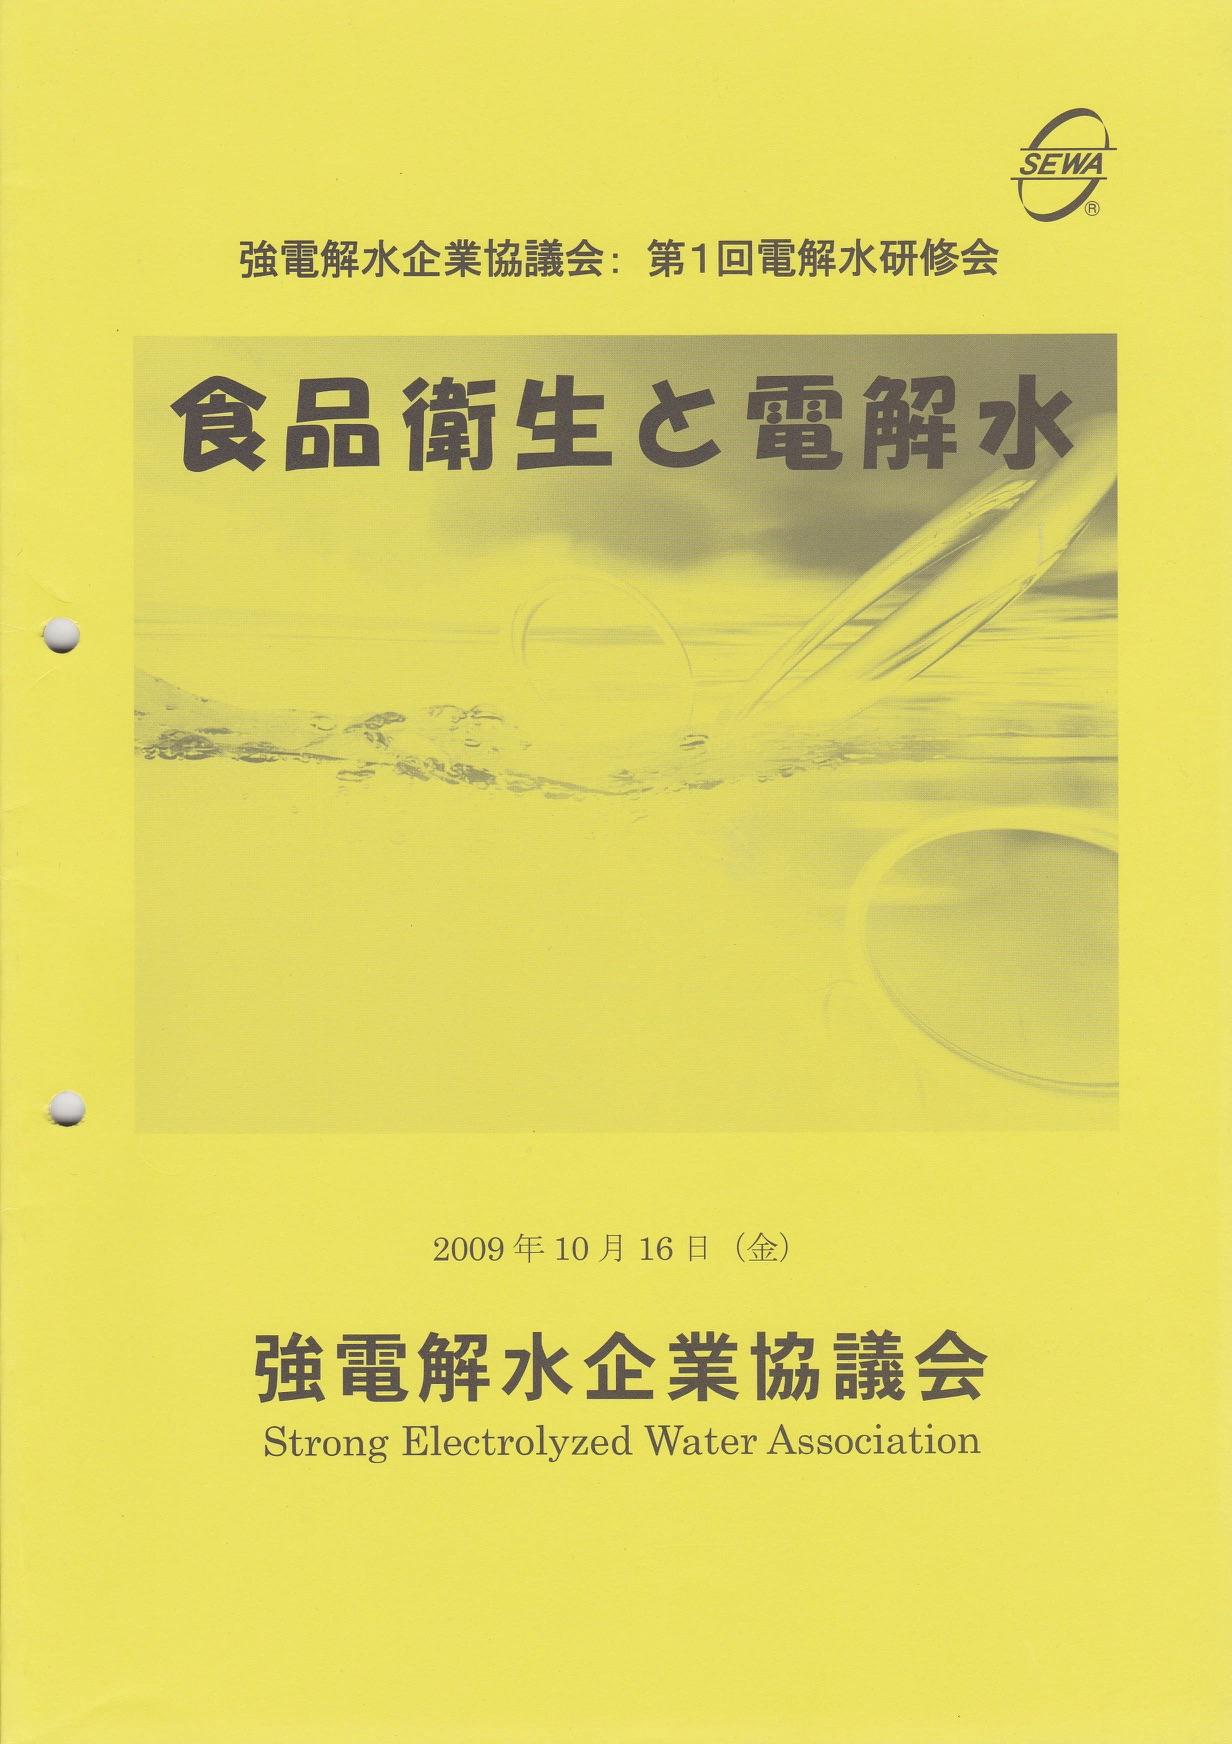 第1回セミナー表紙 食品衛生と電解水